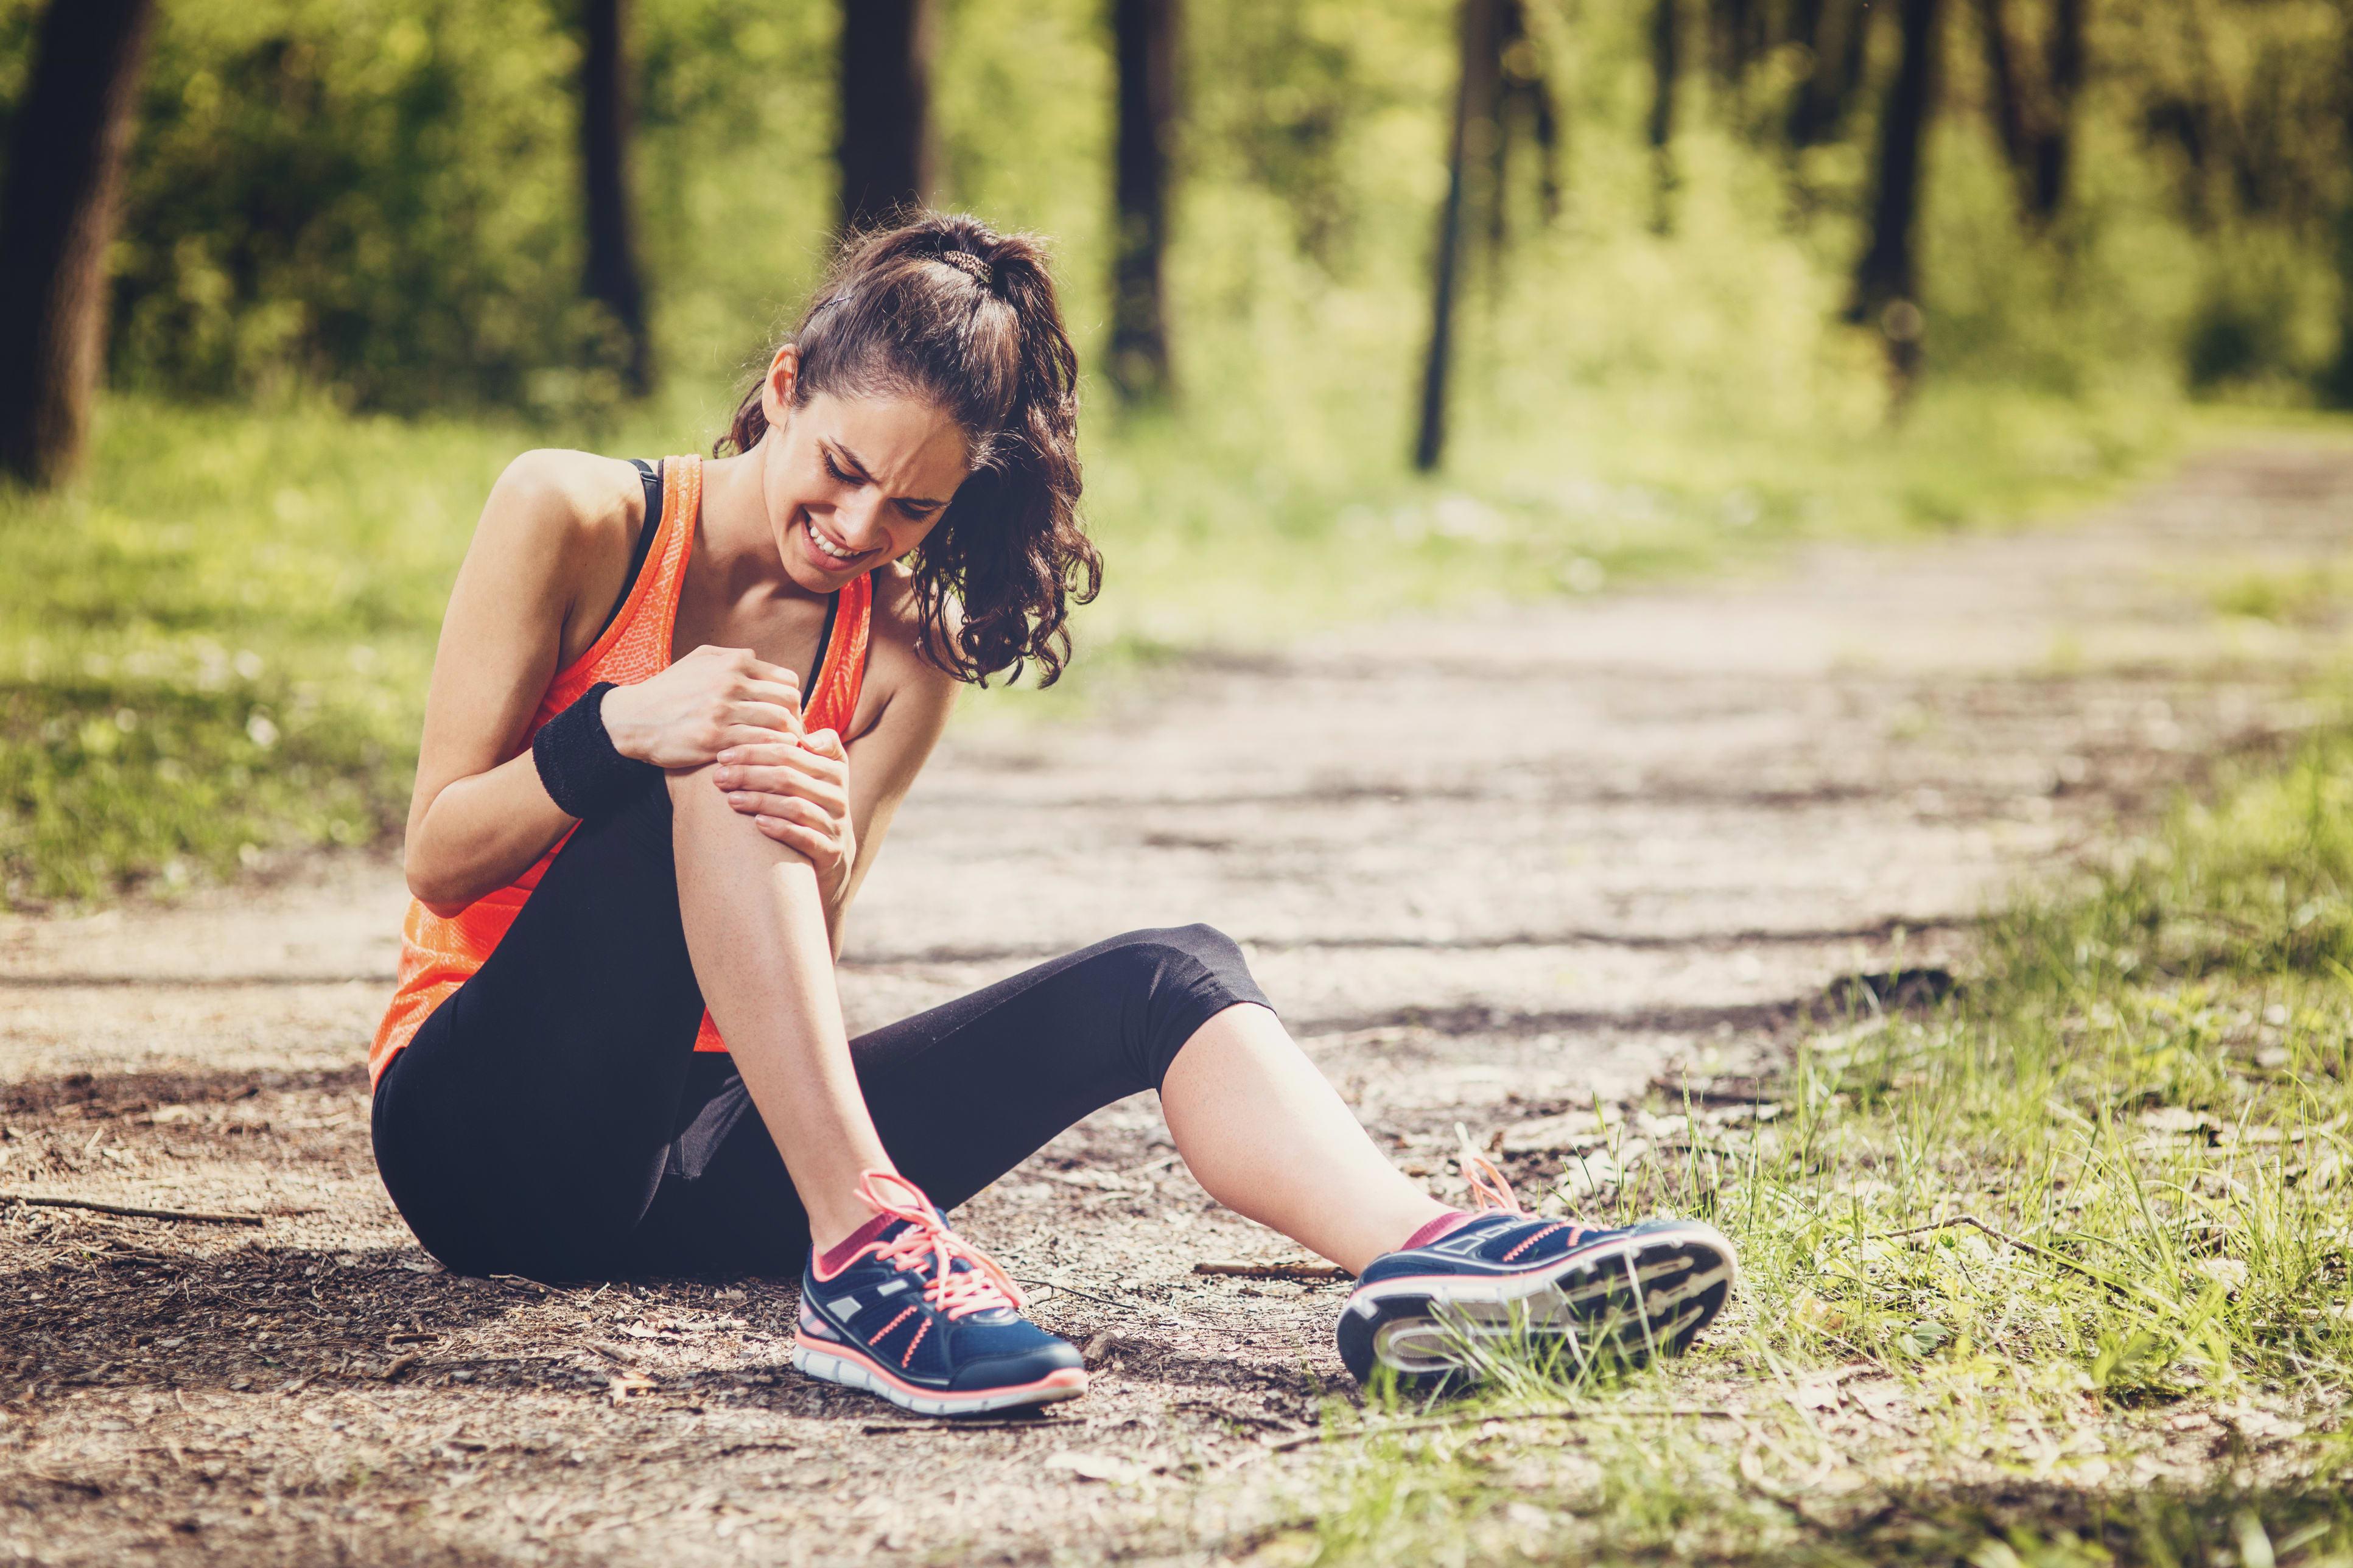 Slik unngår du vanlige løpeskader